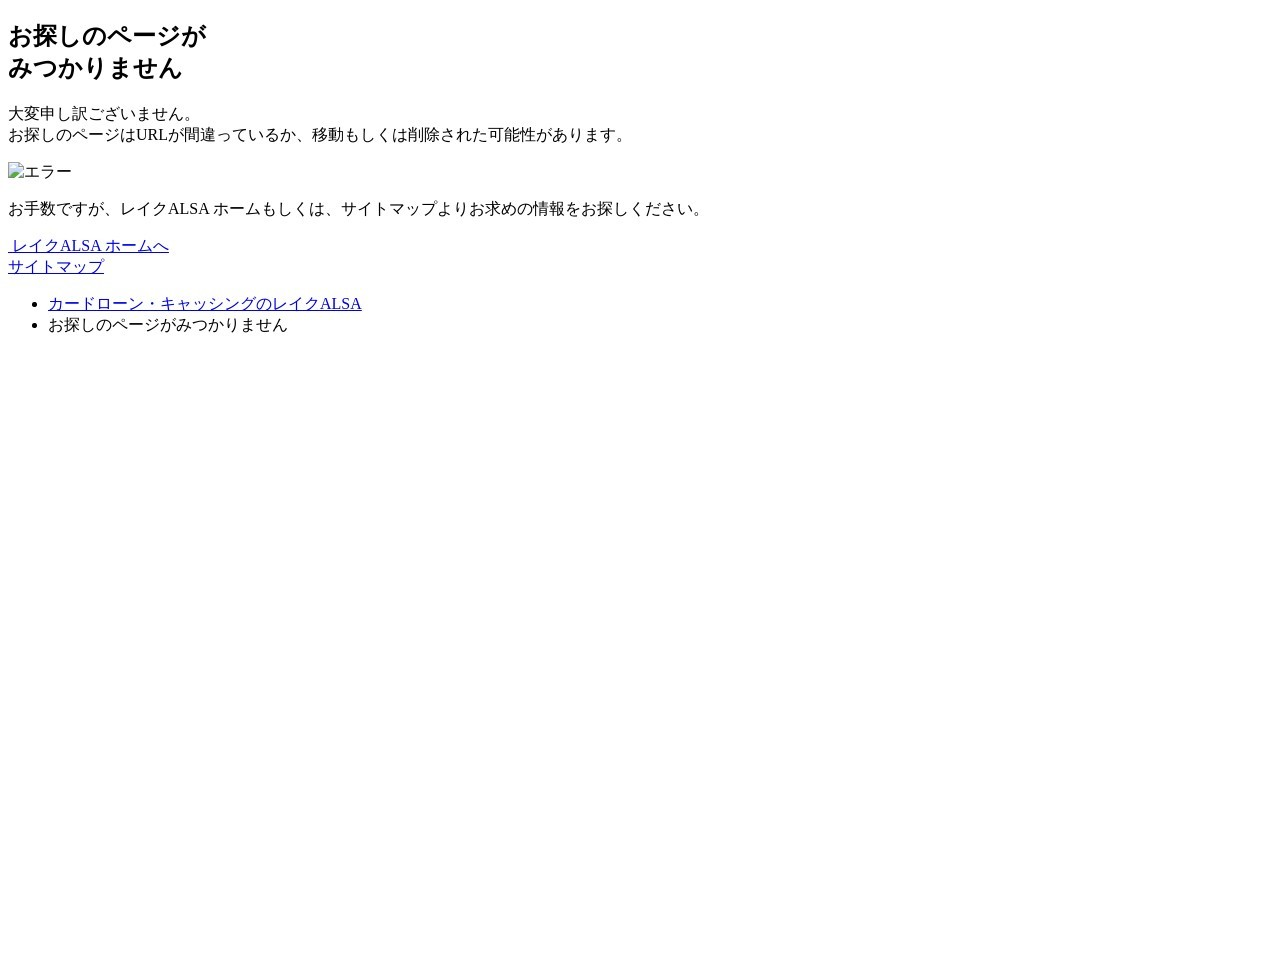 レイクALSA 会津若松自動契約コーナー福島県 レイクALSA